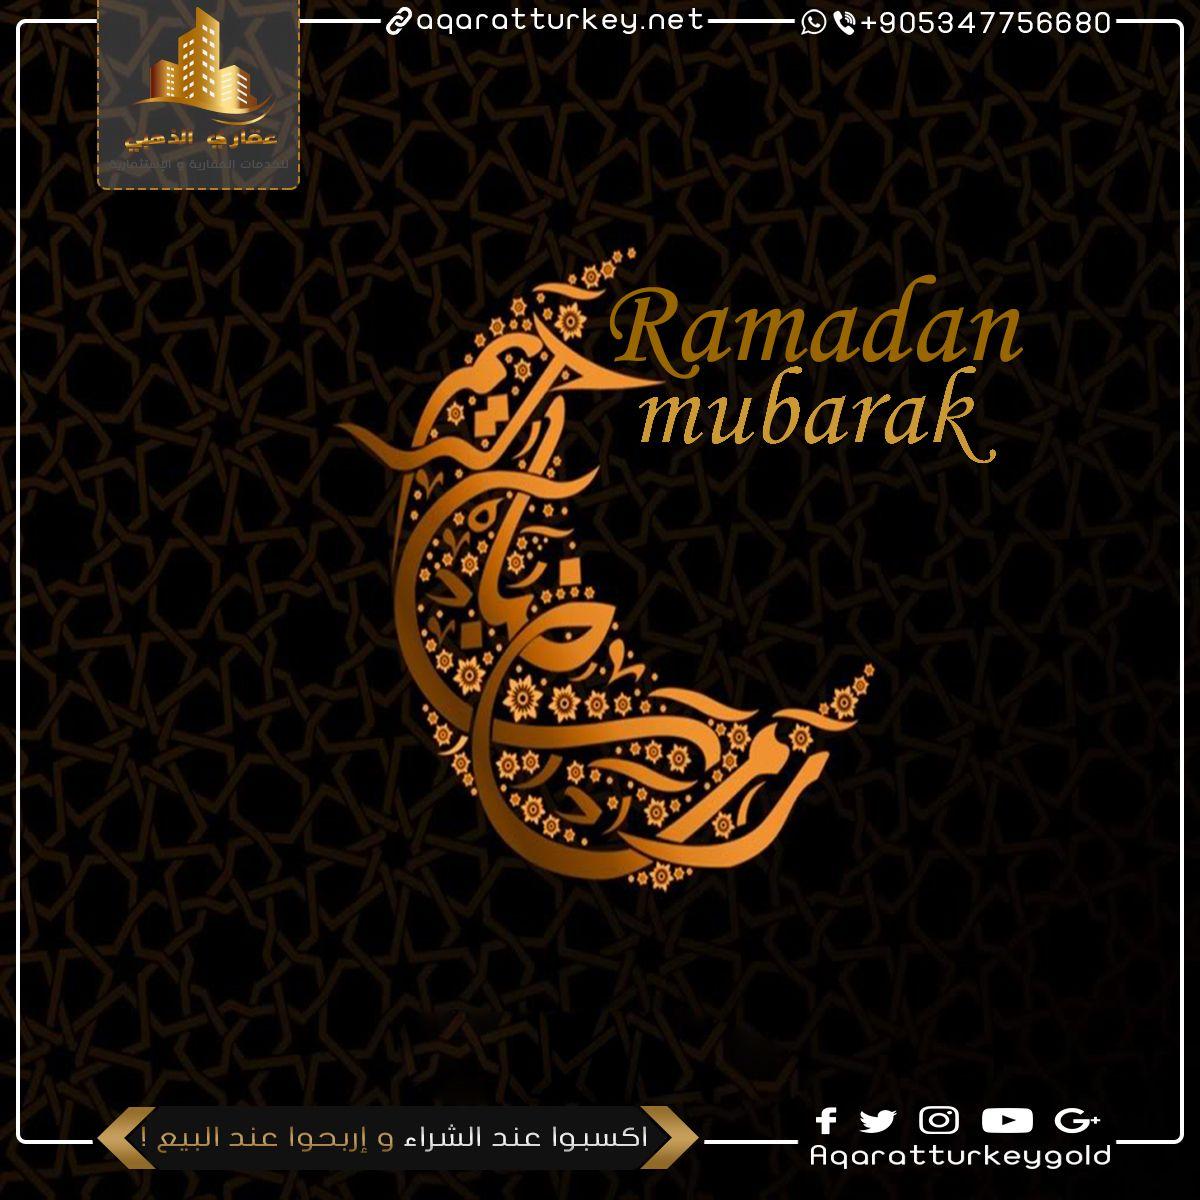 تهنئة من شركة العقار الذهبي Ramadan Ramadan Mubarak Aic